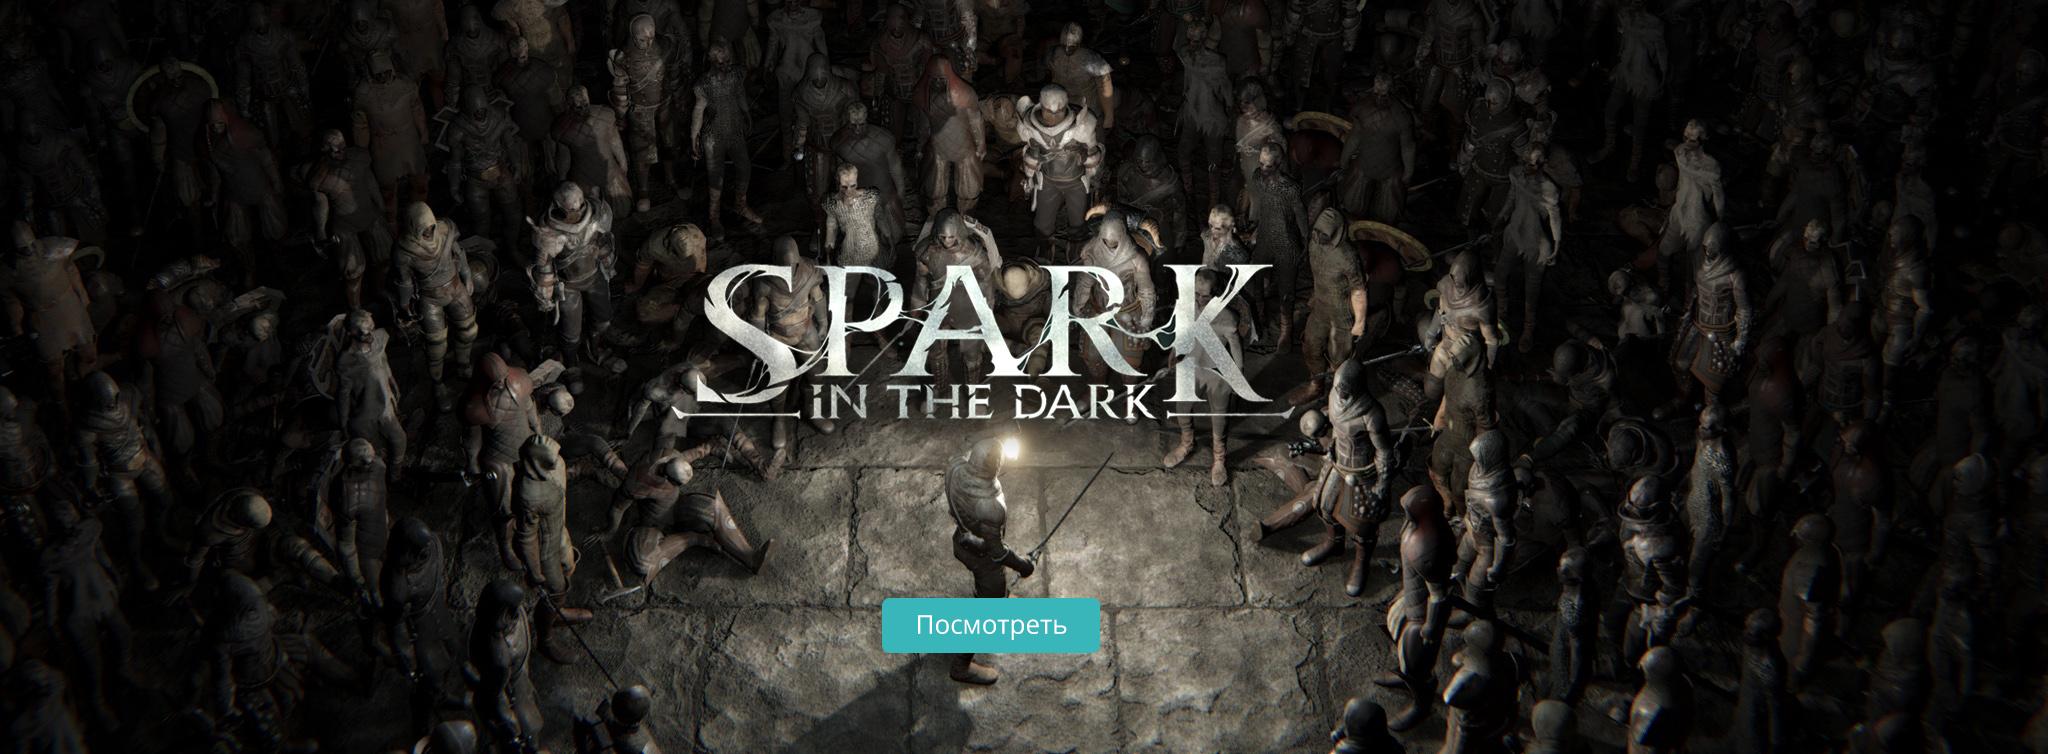 Хардкорная дарк фэнтези RPG об одинокой искре во тьме подземелья.